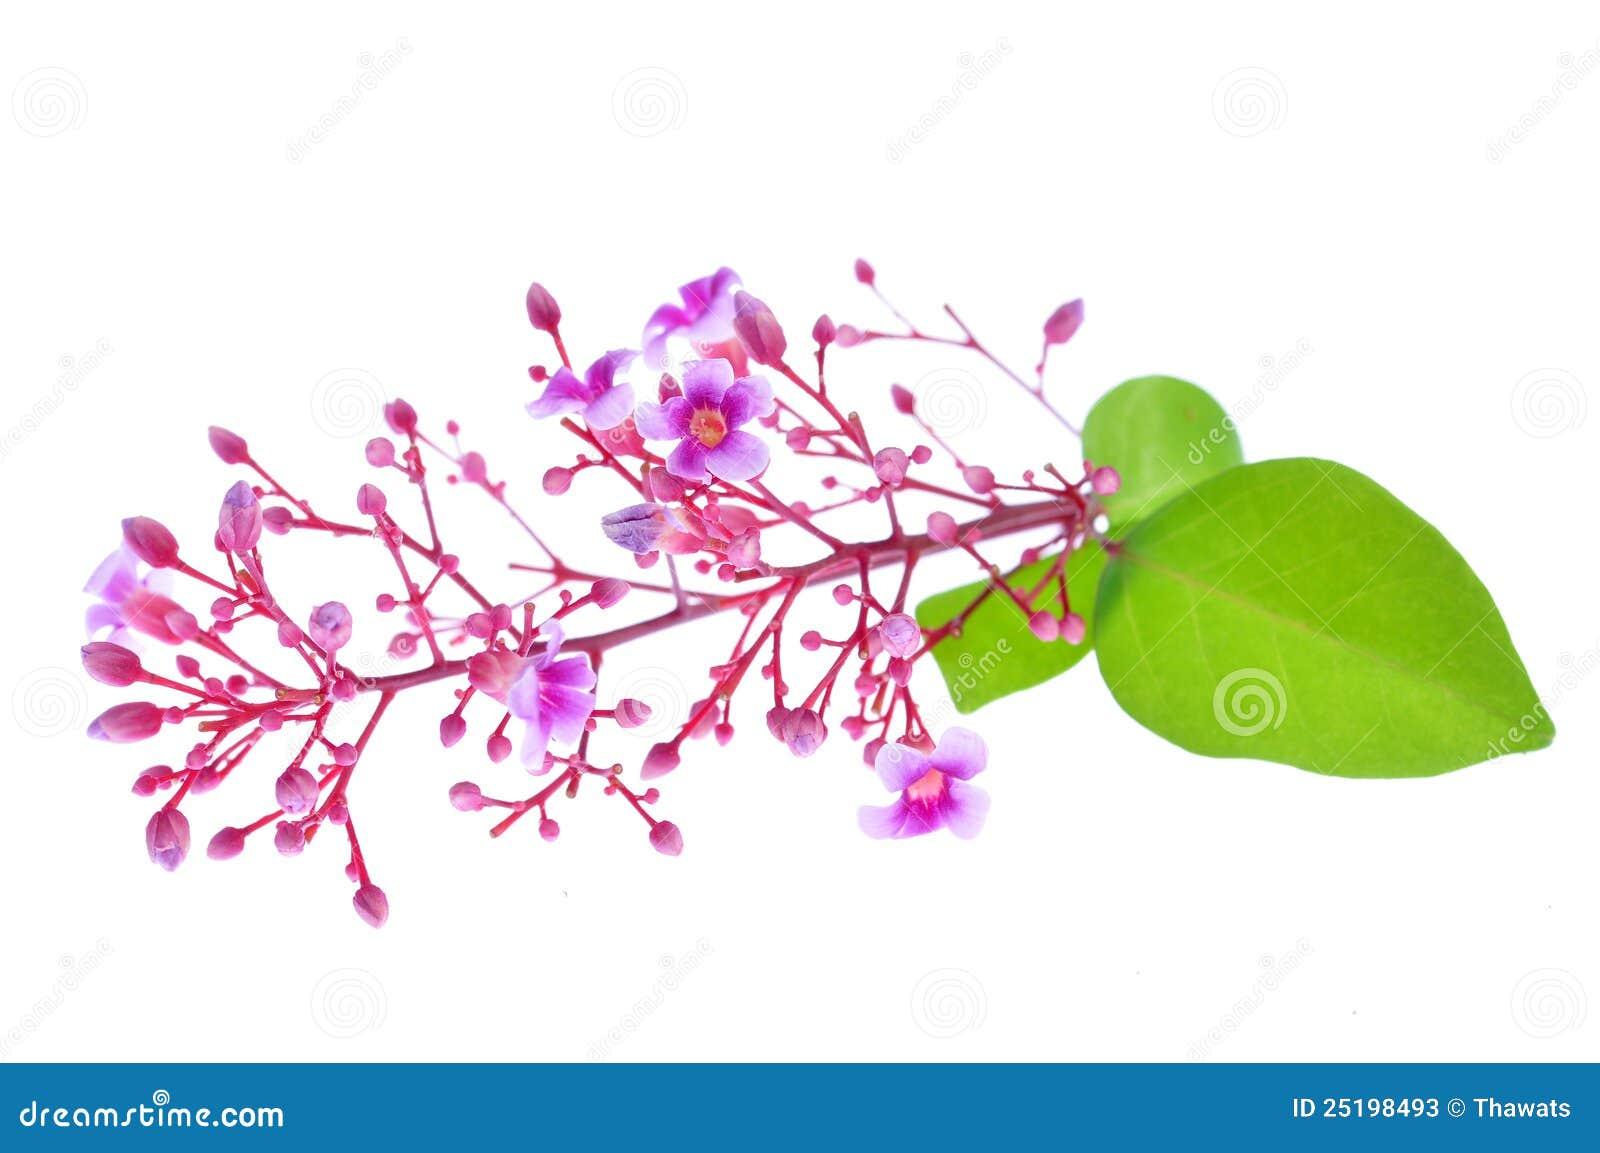 Carambola Flower Stock Image Image Of Sweet Refreshment 25198493